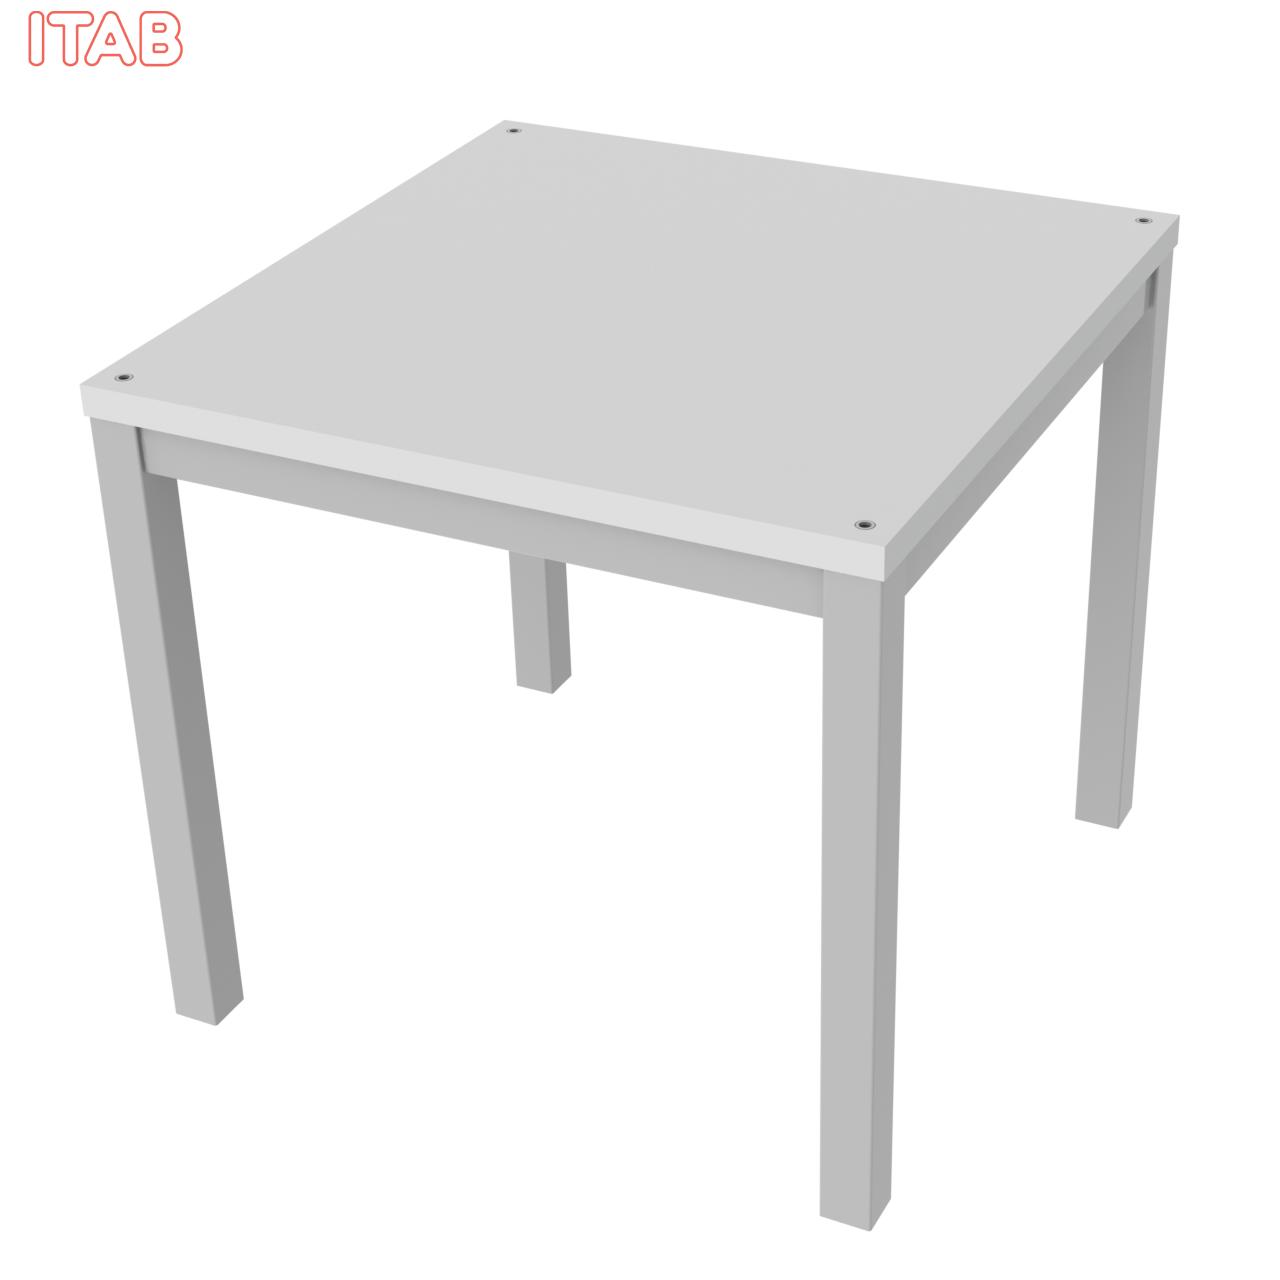 Modulipöytä 60x60x55